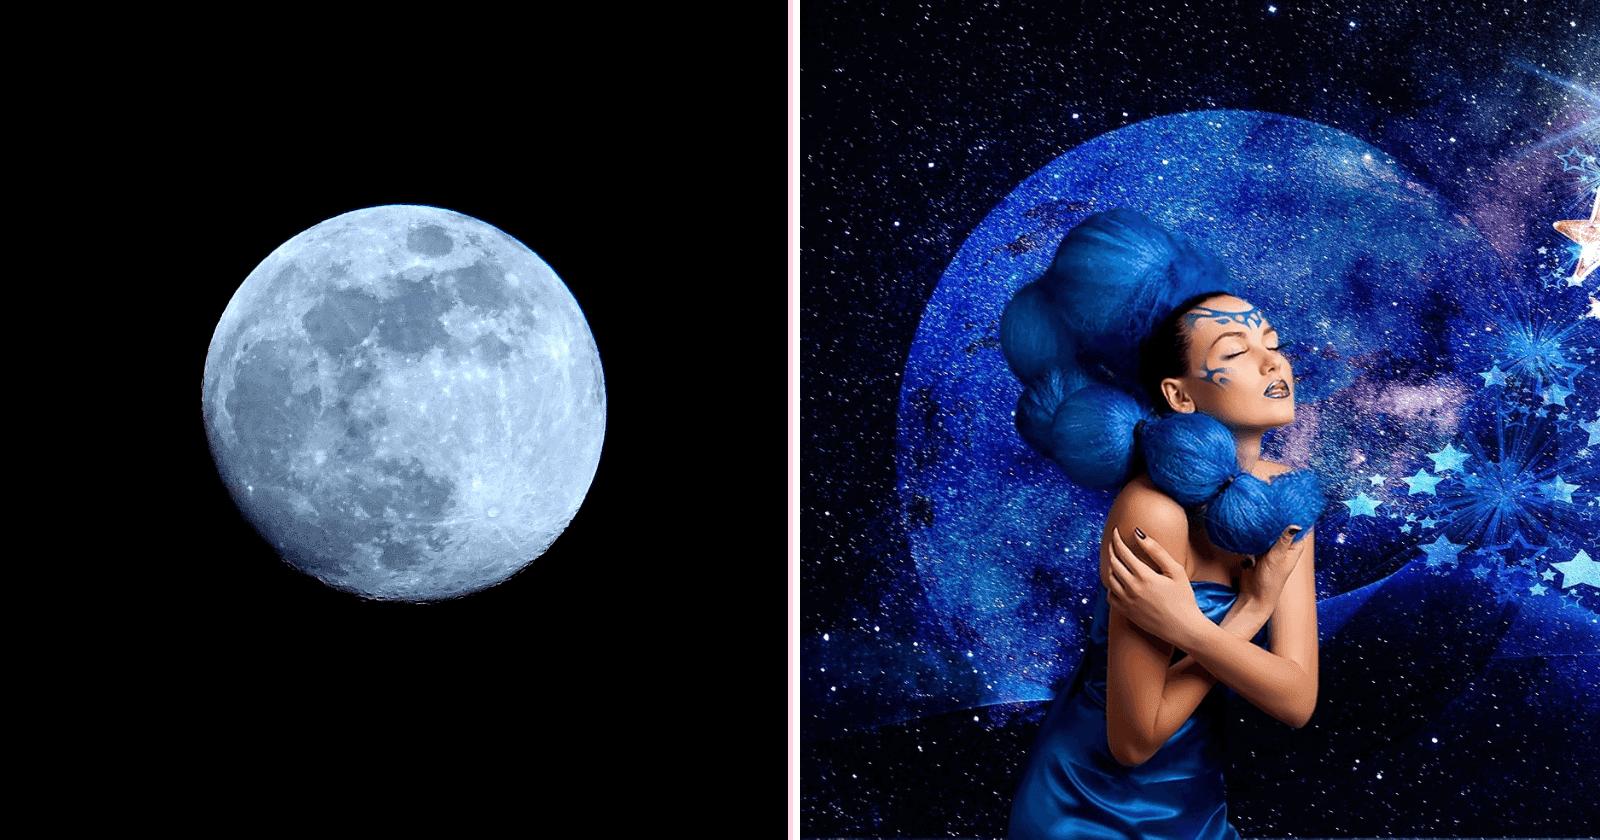 O raro Fenômeno Lunar desse Sábado (31/10) transformará seu dia!